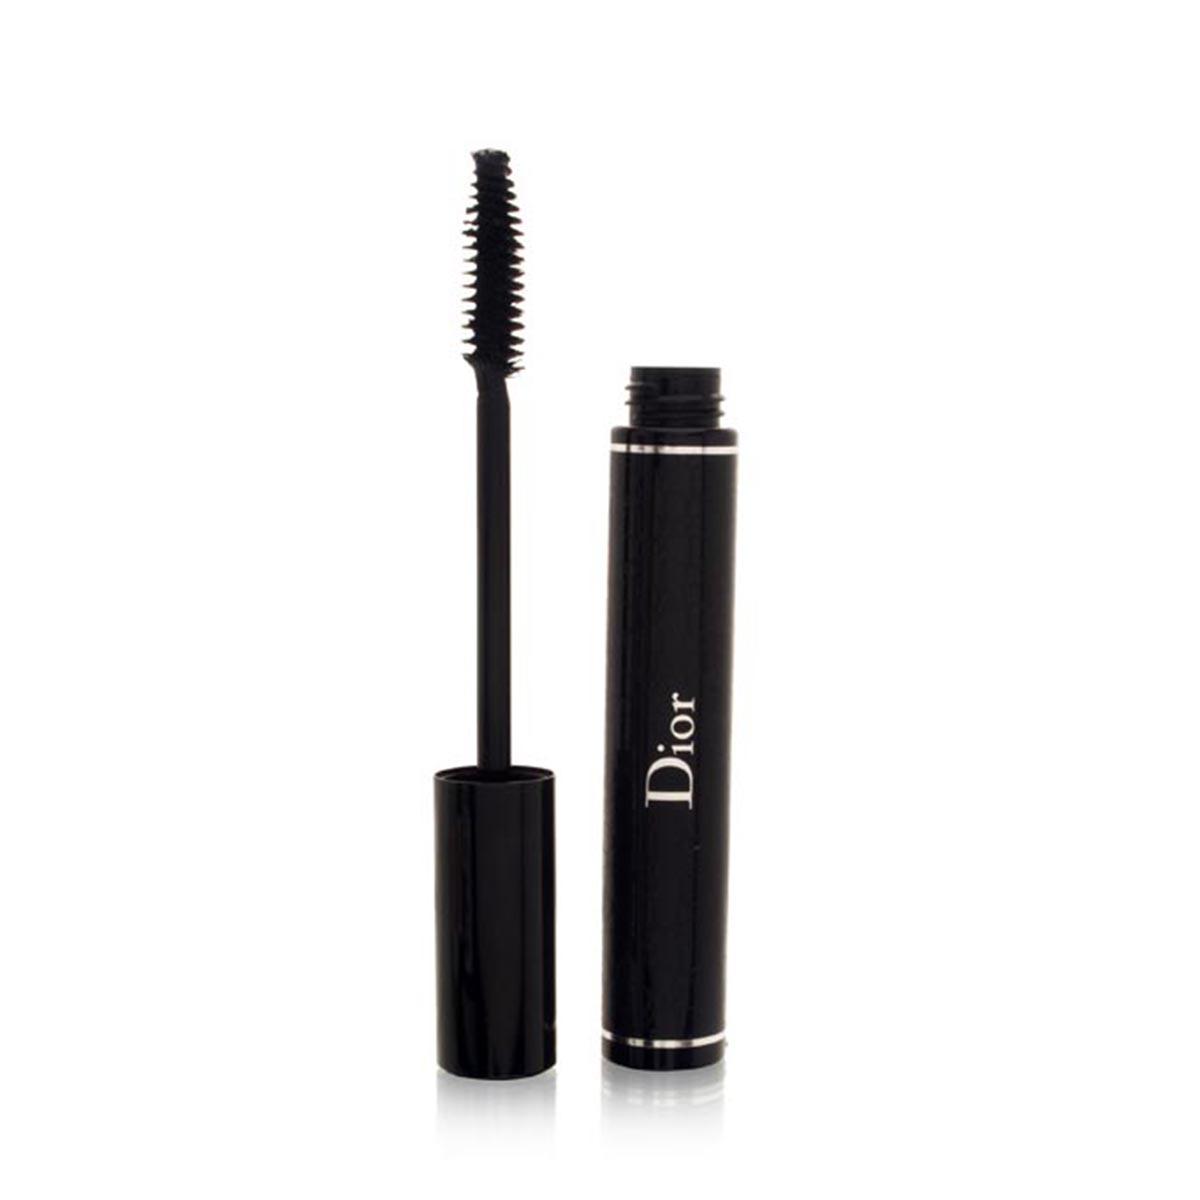 Dior mascara diorshow black out noir n 099